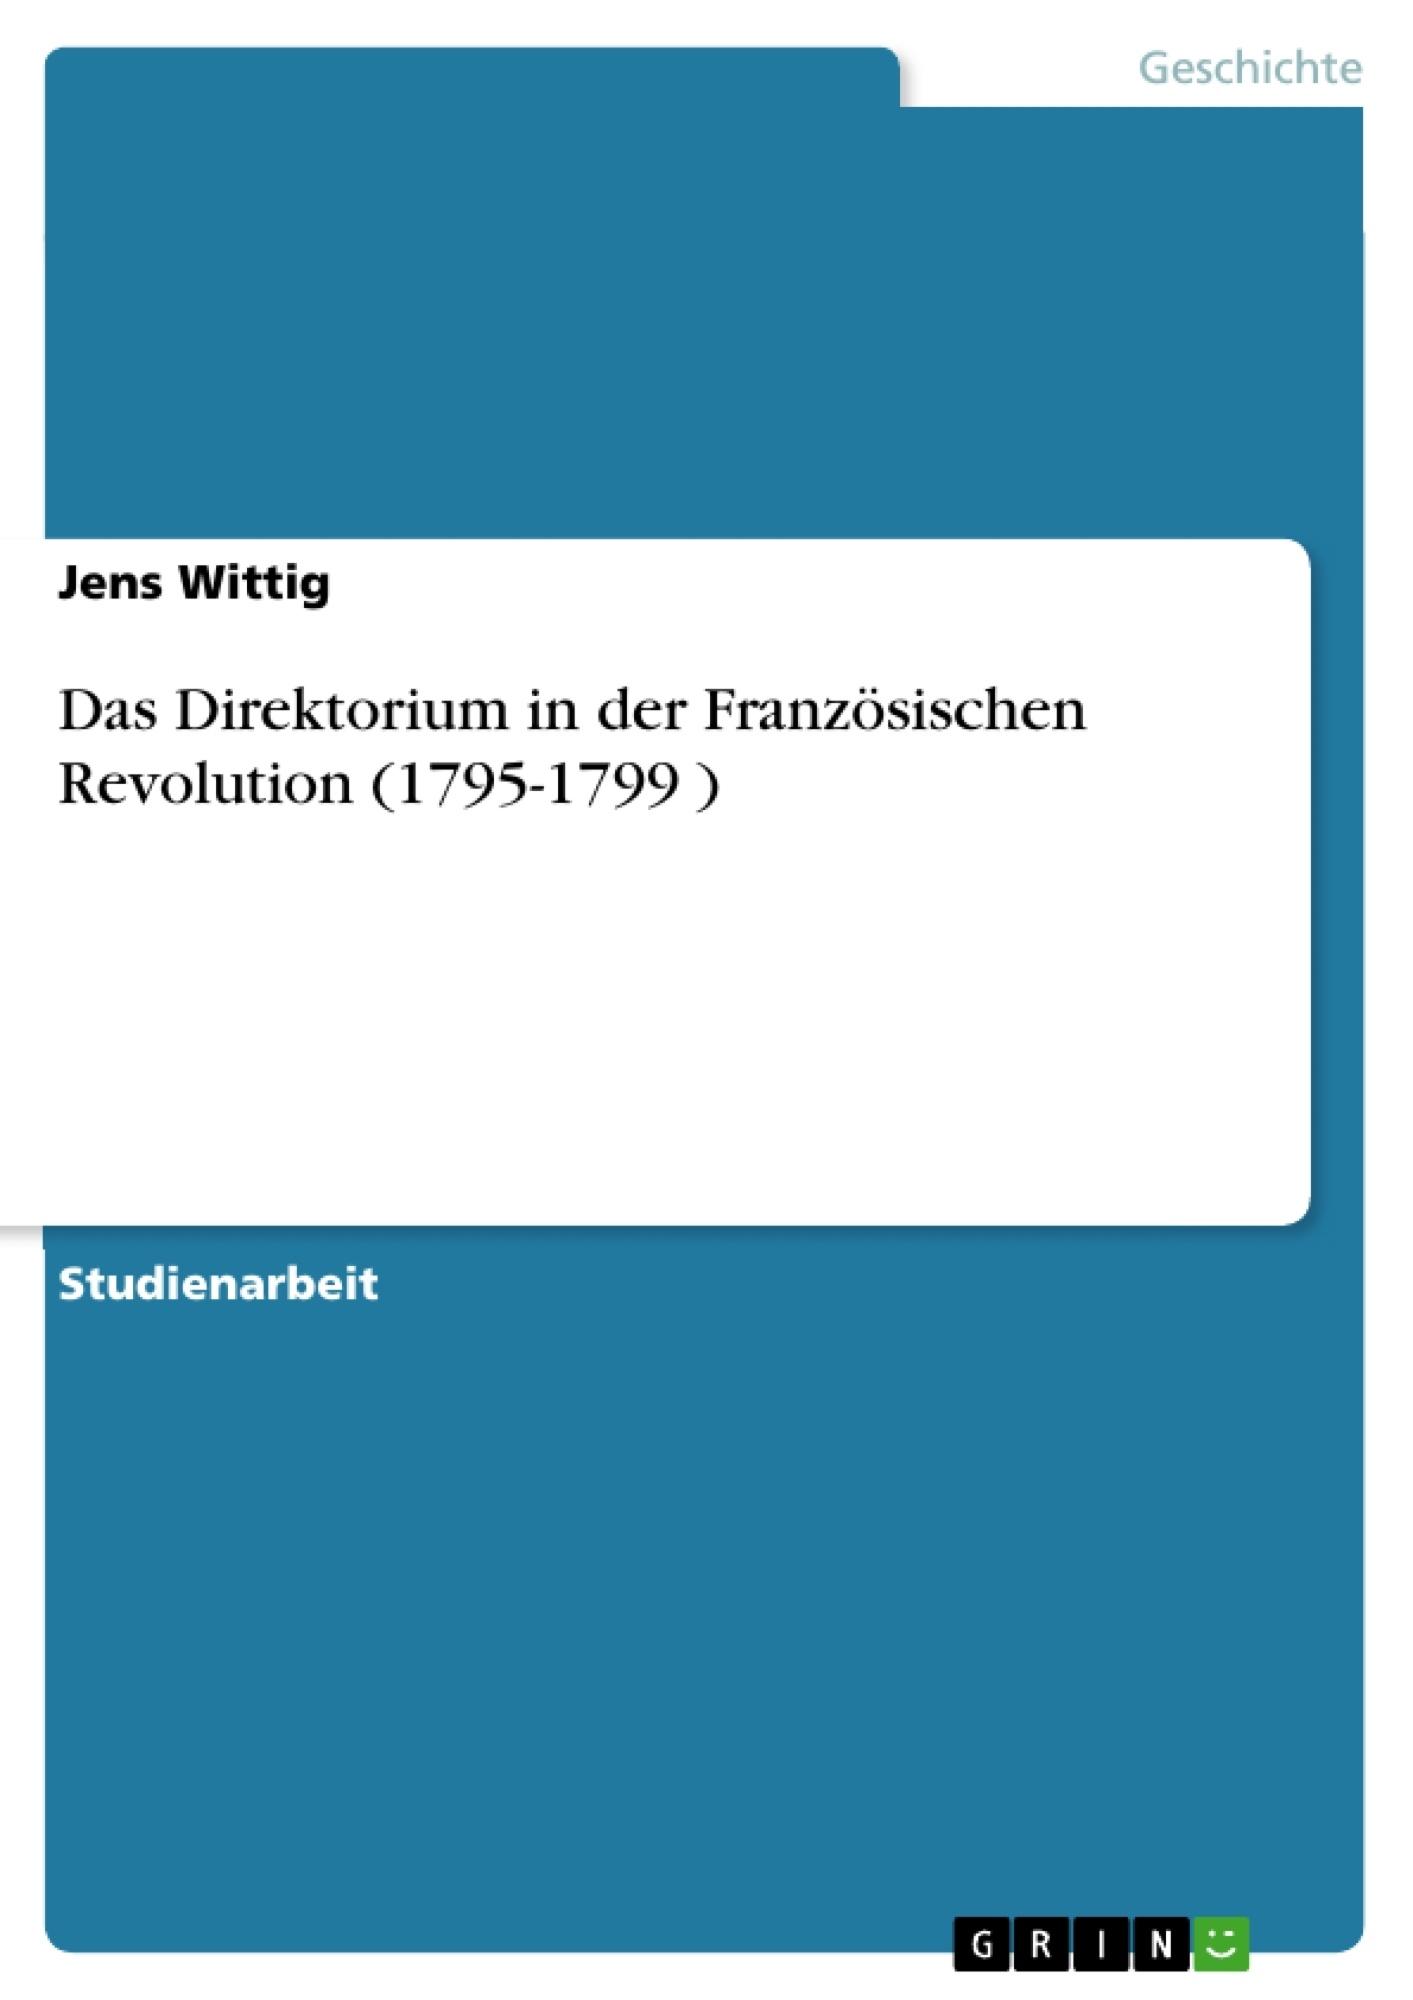 Titel: Das Direktorium in der Französischen Revolution (1795-1799 )